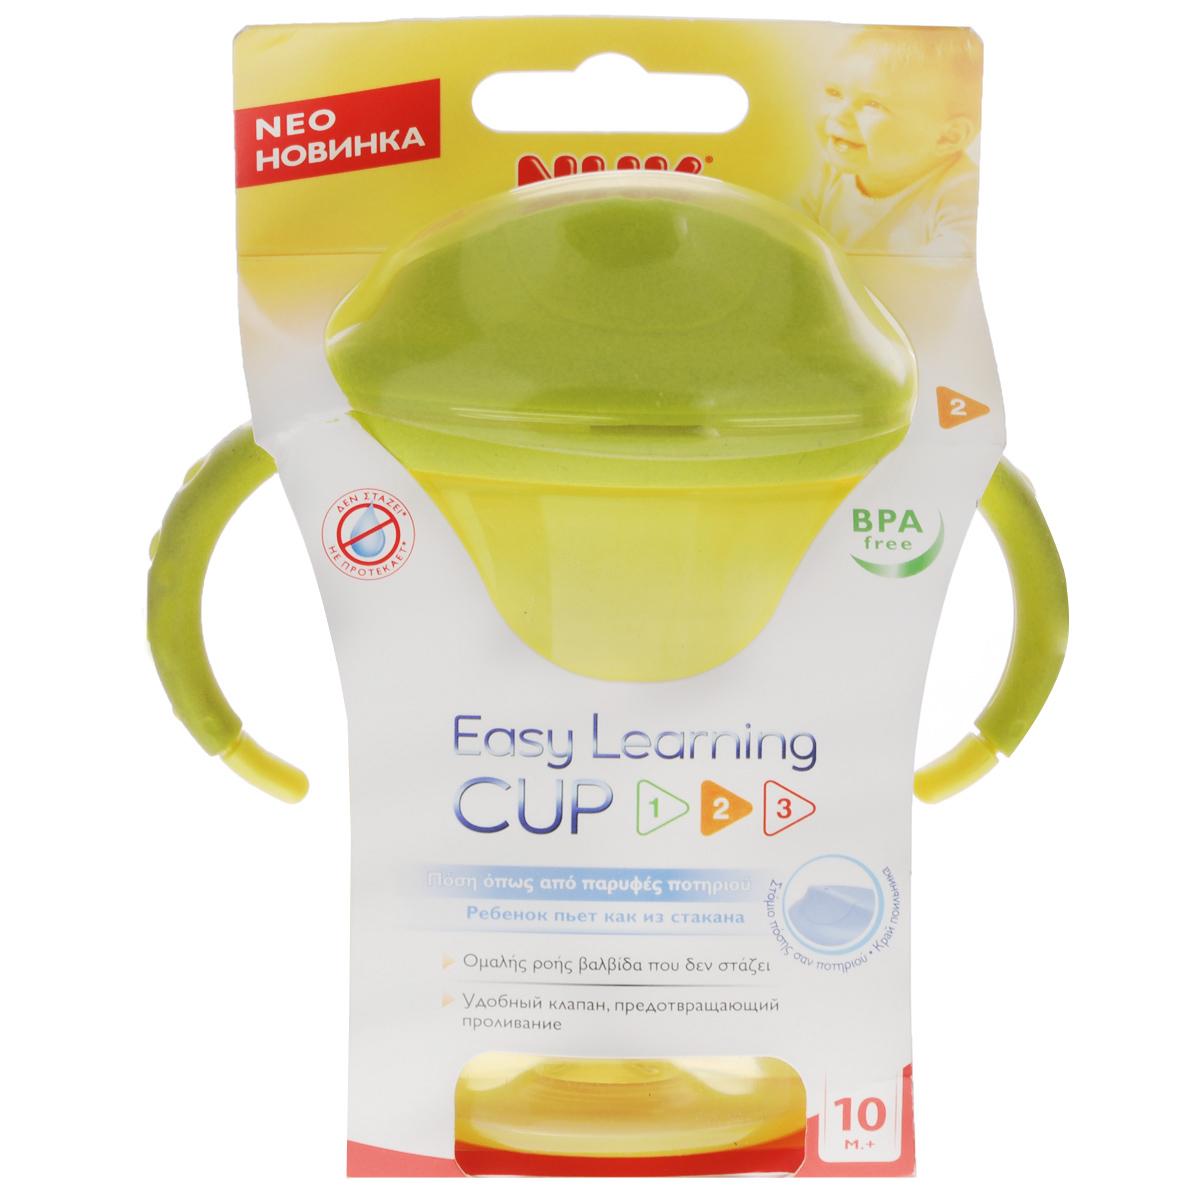 Чашка-поильник NUK, от 10 месяцев, цвет: желтый, оливковый, 275 мл10750596_желтыйЧашка-поильник NUK изготовленная из прочного полипропилена, разработана специально для детей от 10 месяцев для легкого перехода от грудного кормления к питью из стакана. Поильник имеет мягкую силиконовую насадку для питья, которая не протекает, даже если малыш перевернет чашку, и крышку, обеспечивающую гигиеничность. Благодаря эргономичному дизайну и нескользящим ручкам малышу будет удобно держать чашку-поильник. Широкое горлышко позволит легко наполнить и очистить поильник.